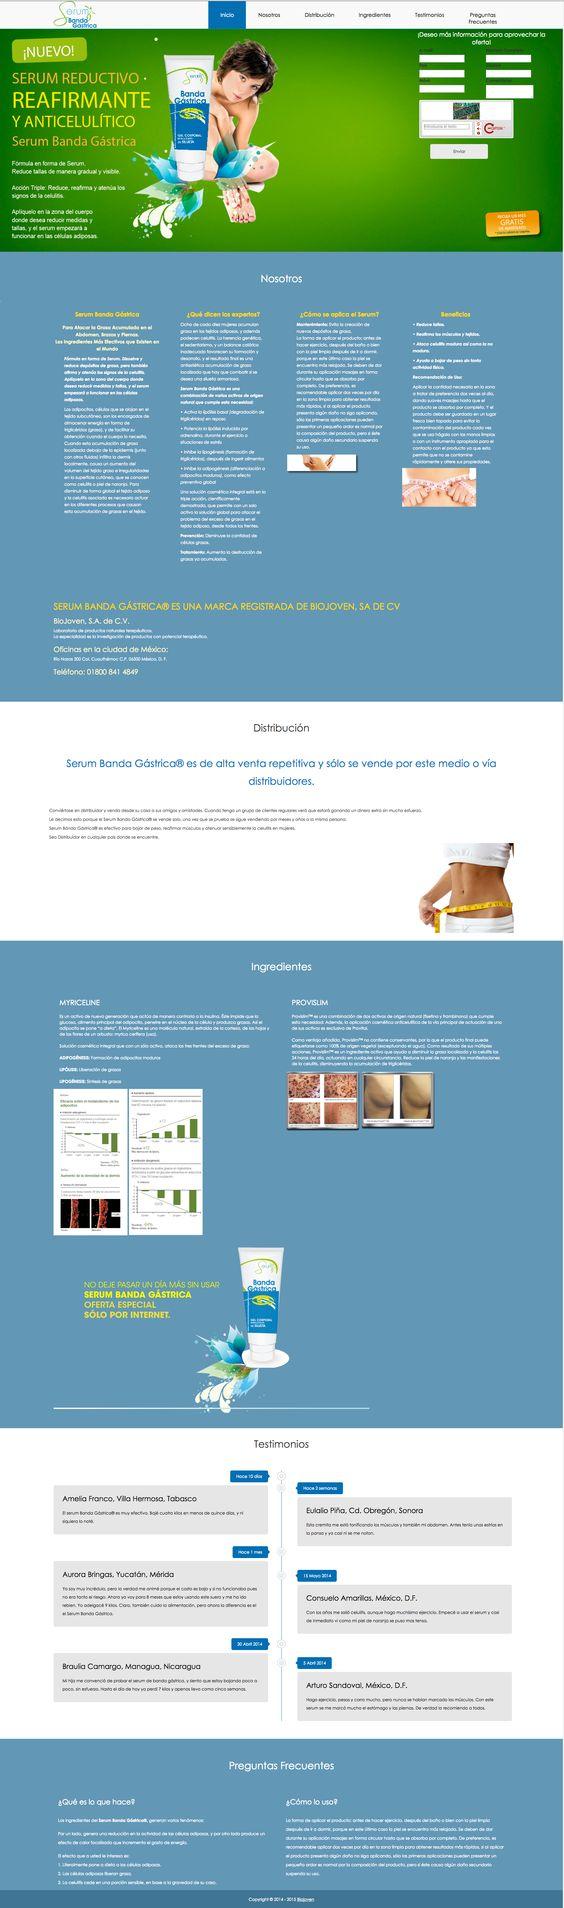 Sitio OnePage Desarrollado en HTML5, CSS3 y jQuery